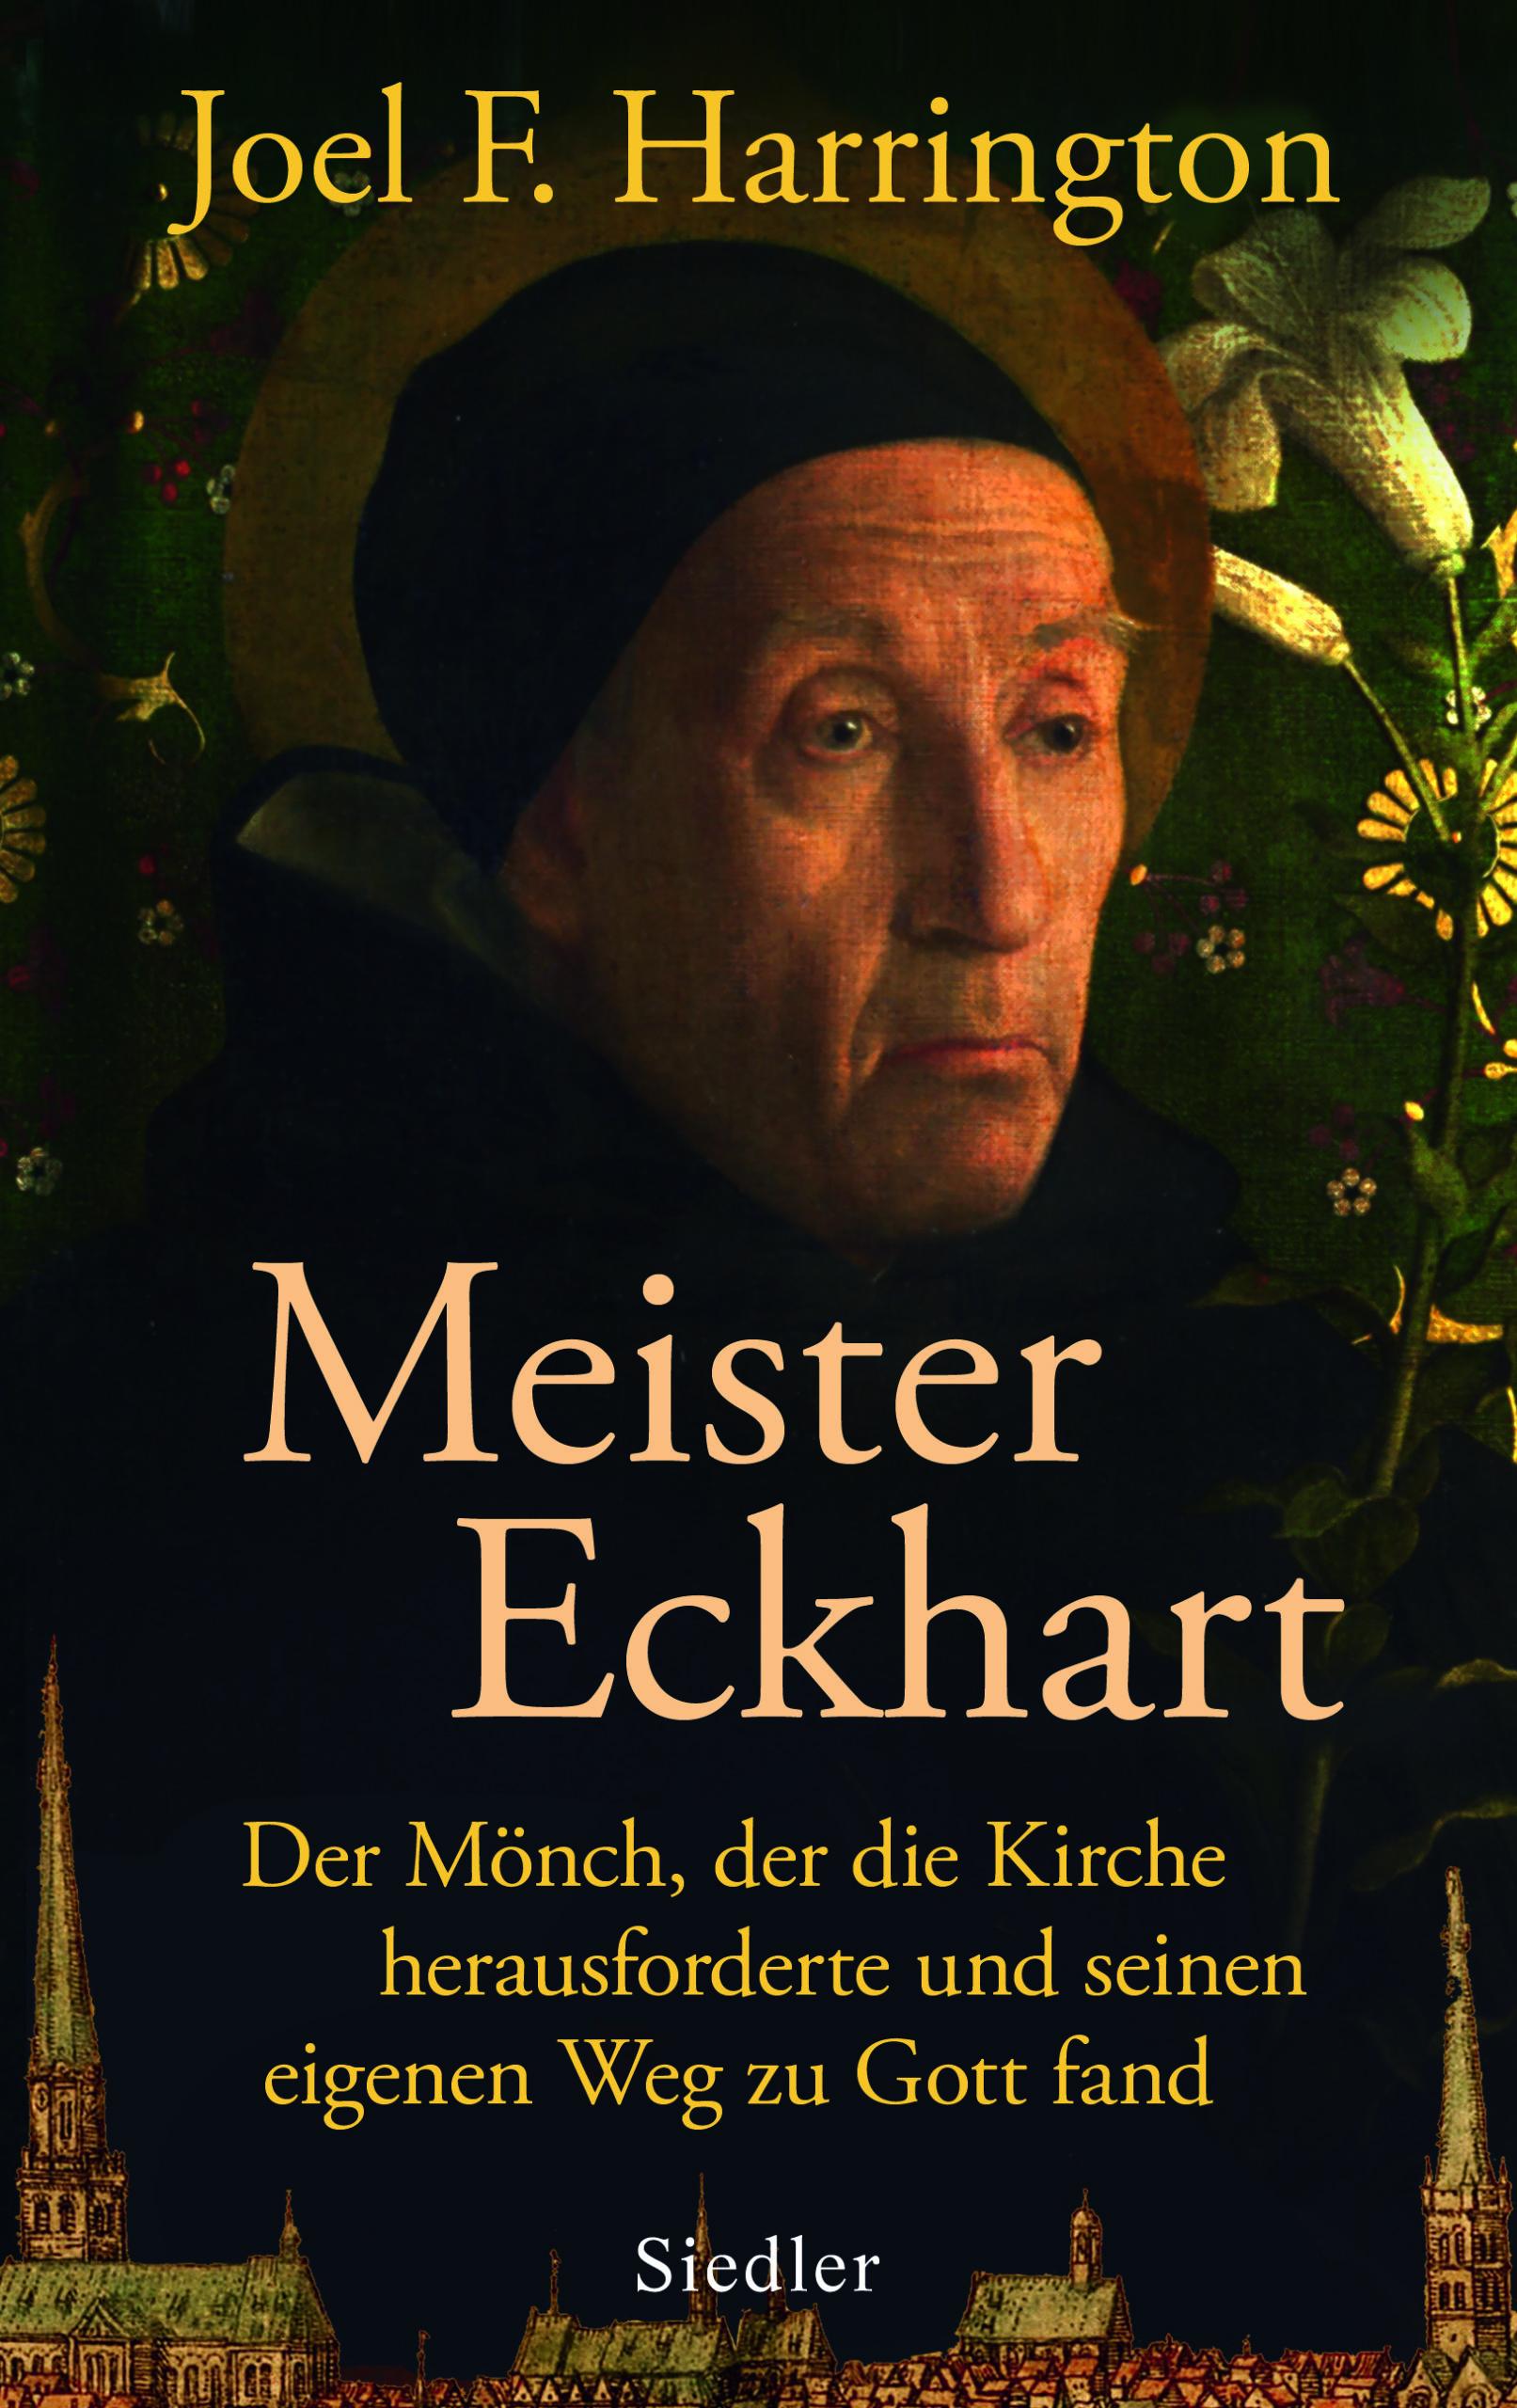 Wer war Meister Eckhart?